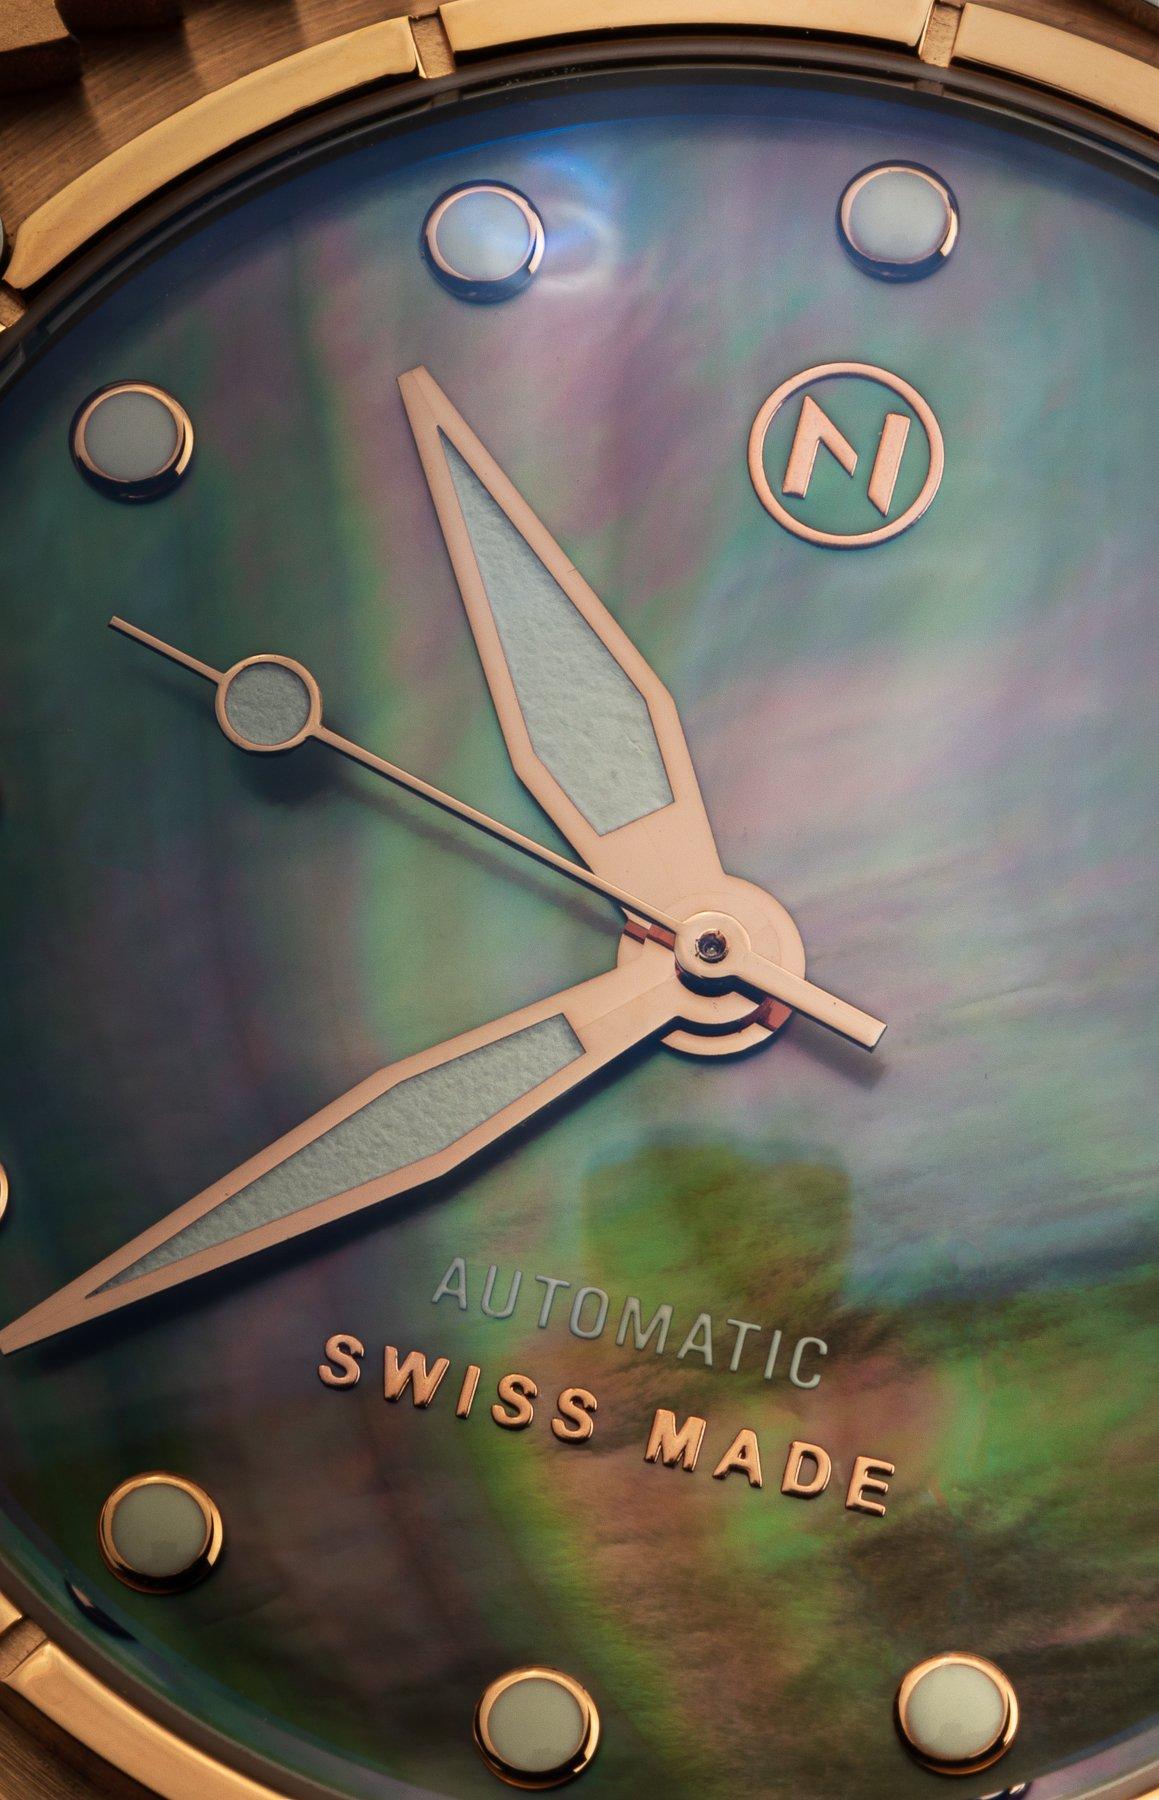 Новые часы Trident от NOVE с автоподзаводом и мореходностью